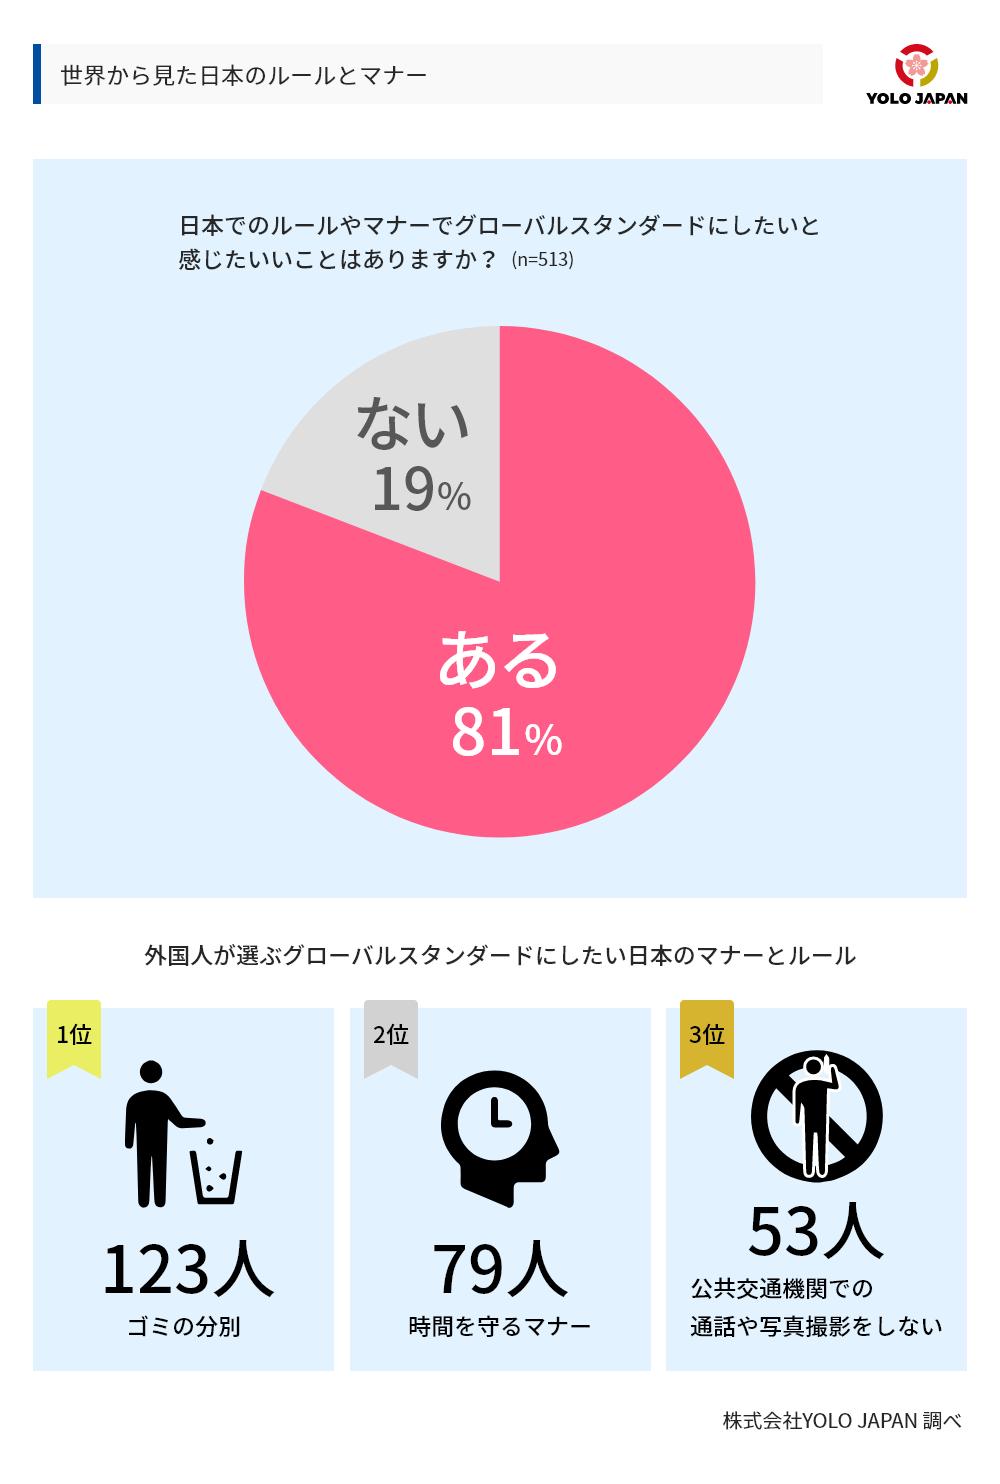 世界から見た日本のルールとマナーについてのグラフ。日本でのルールやマナーでグローバルスタンダードにしたいと感じたいいことはありますか?という設問に対し、513人中81%があると回答。外国人が選んだグローバルスタンダードにしたい日本のマナーとルールは1位がゴミの分別(123人)、2位が時間を守るマナー(79人)、3位が公共交通機関での通話や写真撮影をしない(53人)であった。